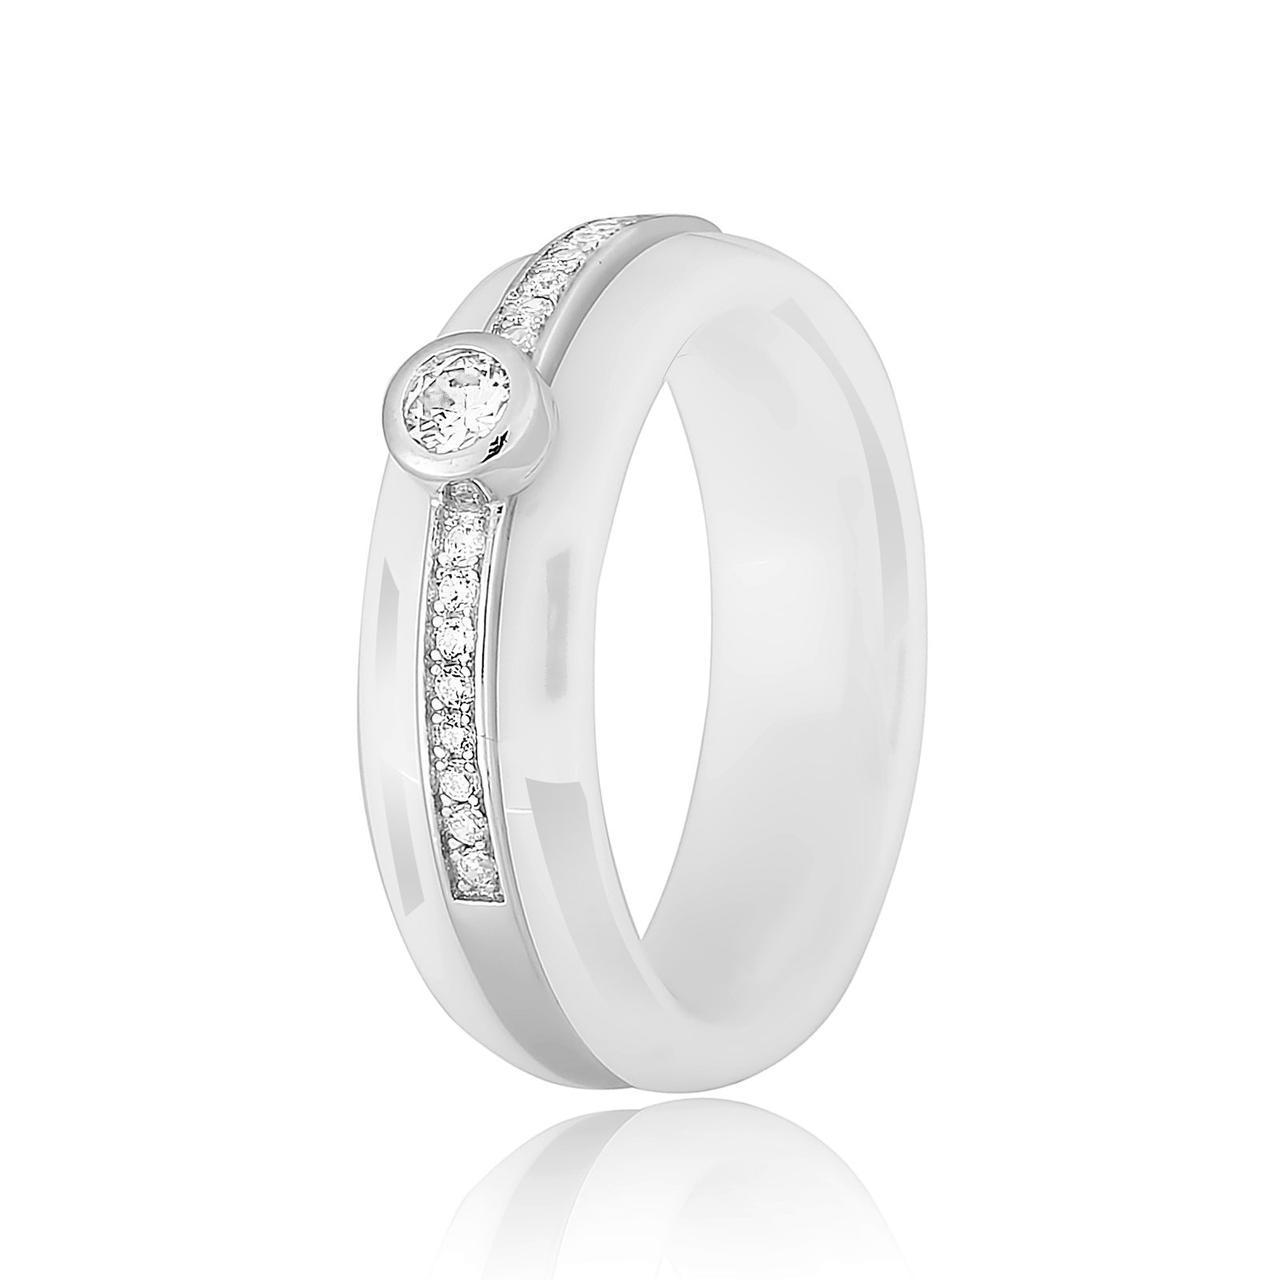 Серебрянное Кольцо MAZZARINI JEWELRY с фианитово-керамической вставкой размер 17 К2ФК1 1000-17, КОД: 301280